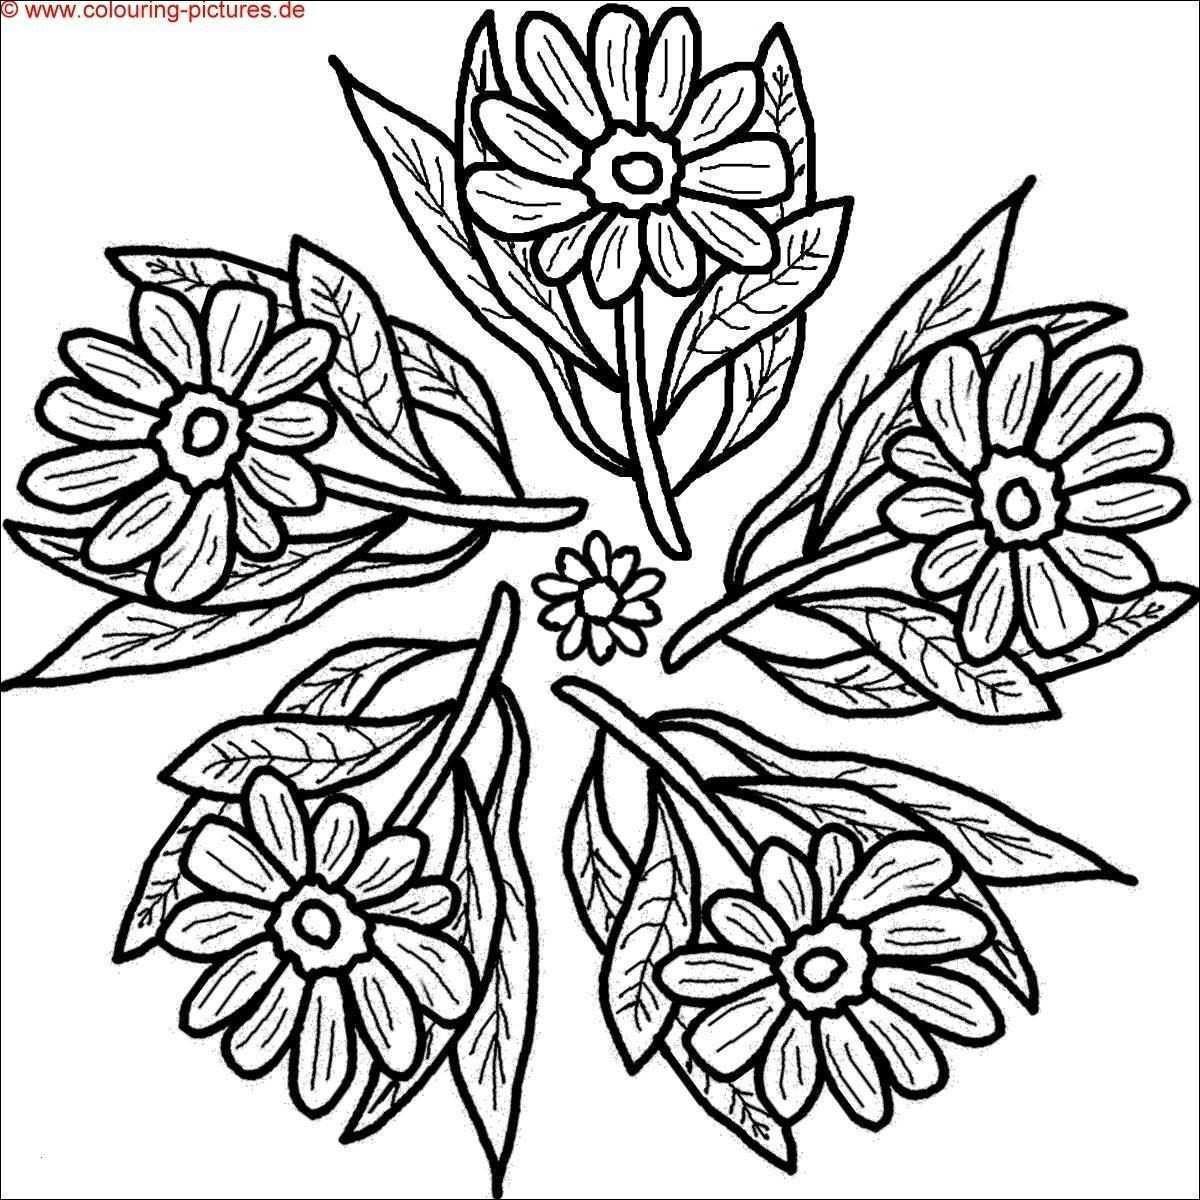 Malvorlagen Blumen Ranken Neu Malvorlagen Blumen Ranken Foto Bildergalerie & Bilder Zum Ausmalen Stock